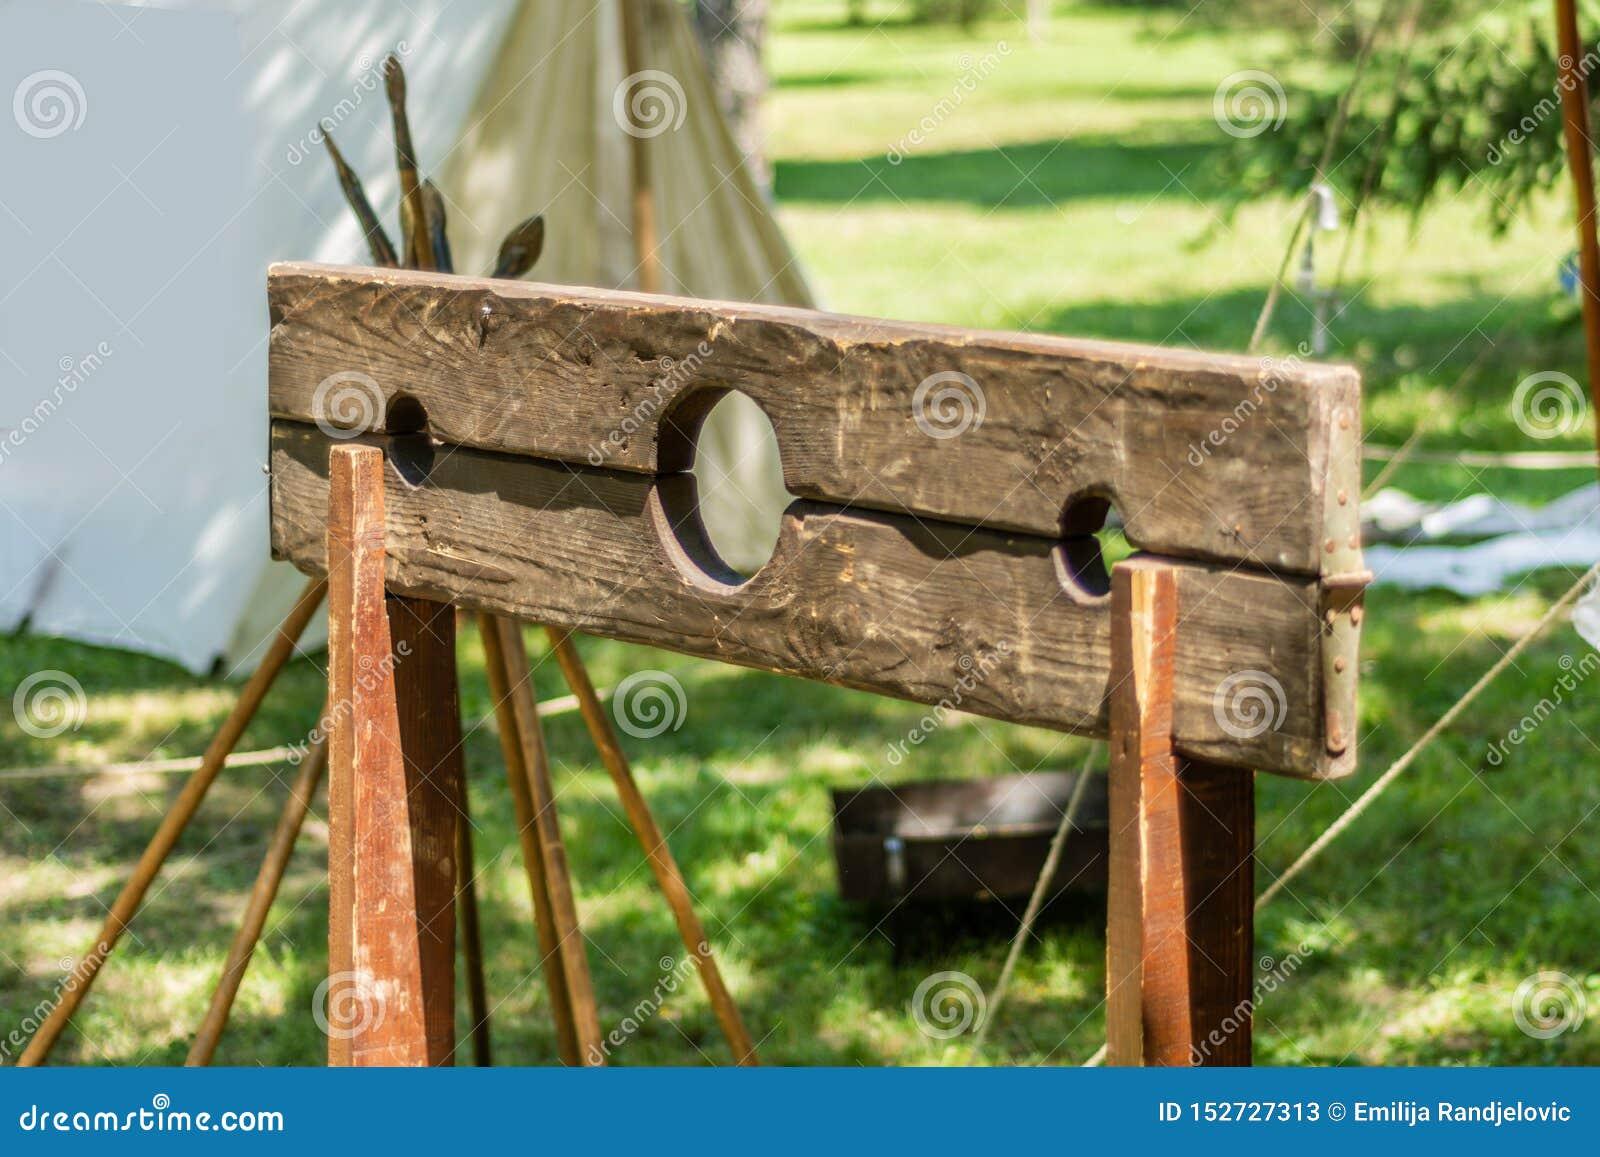 Pręgierz, drewniana rama zazwyczaj wspinał się na poczcie dokąd przestępca umieszczał ich ręki i głowę przez dziur